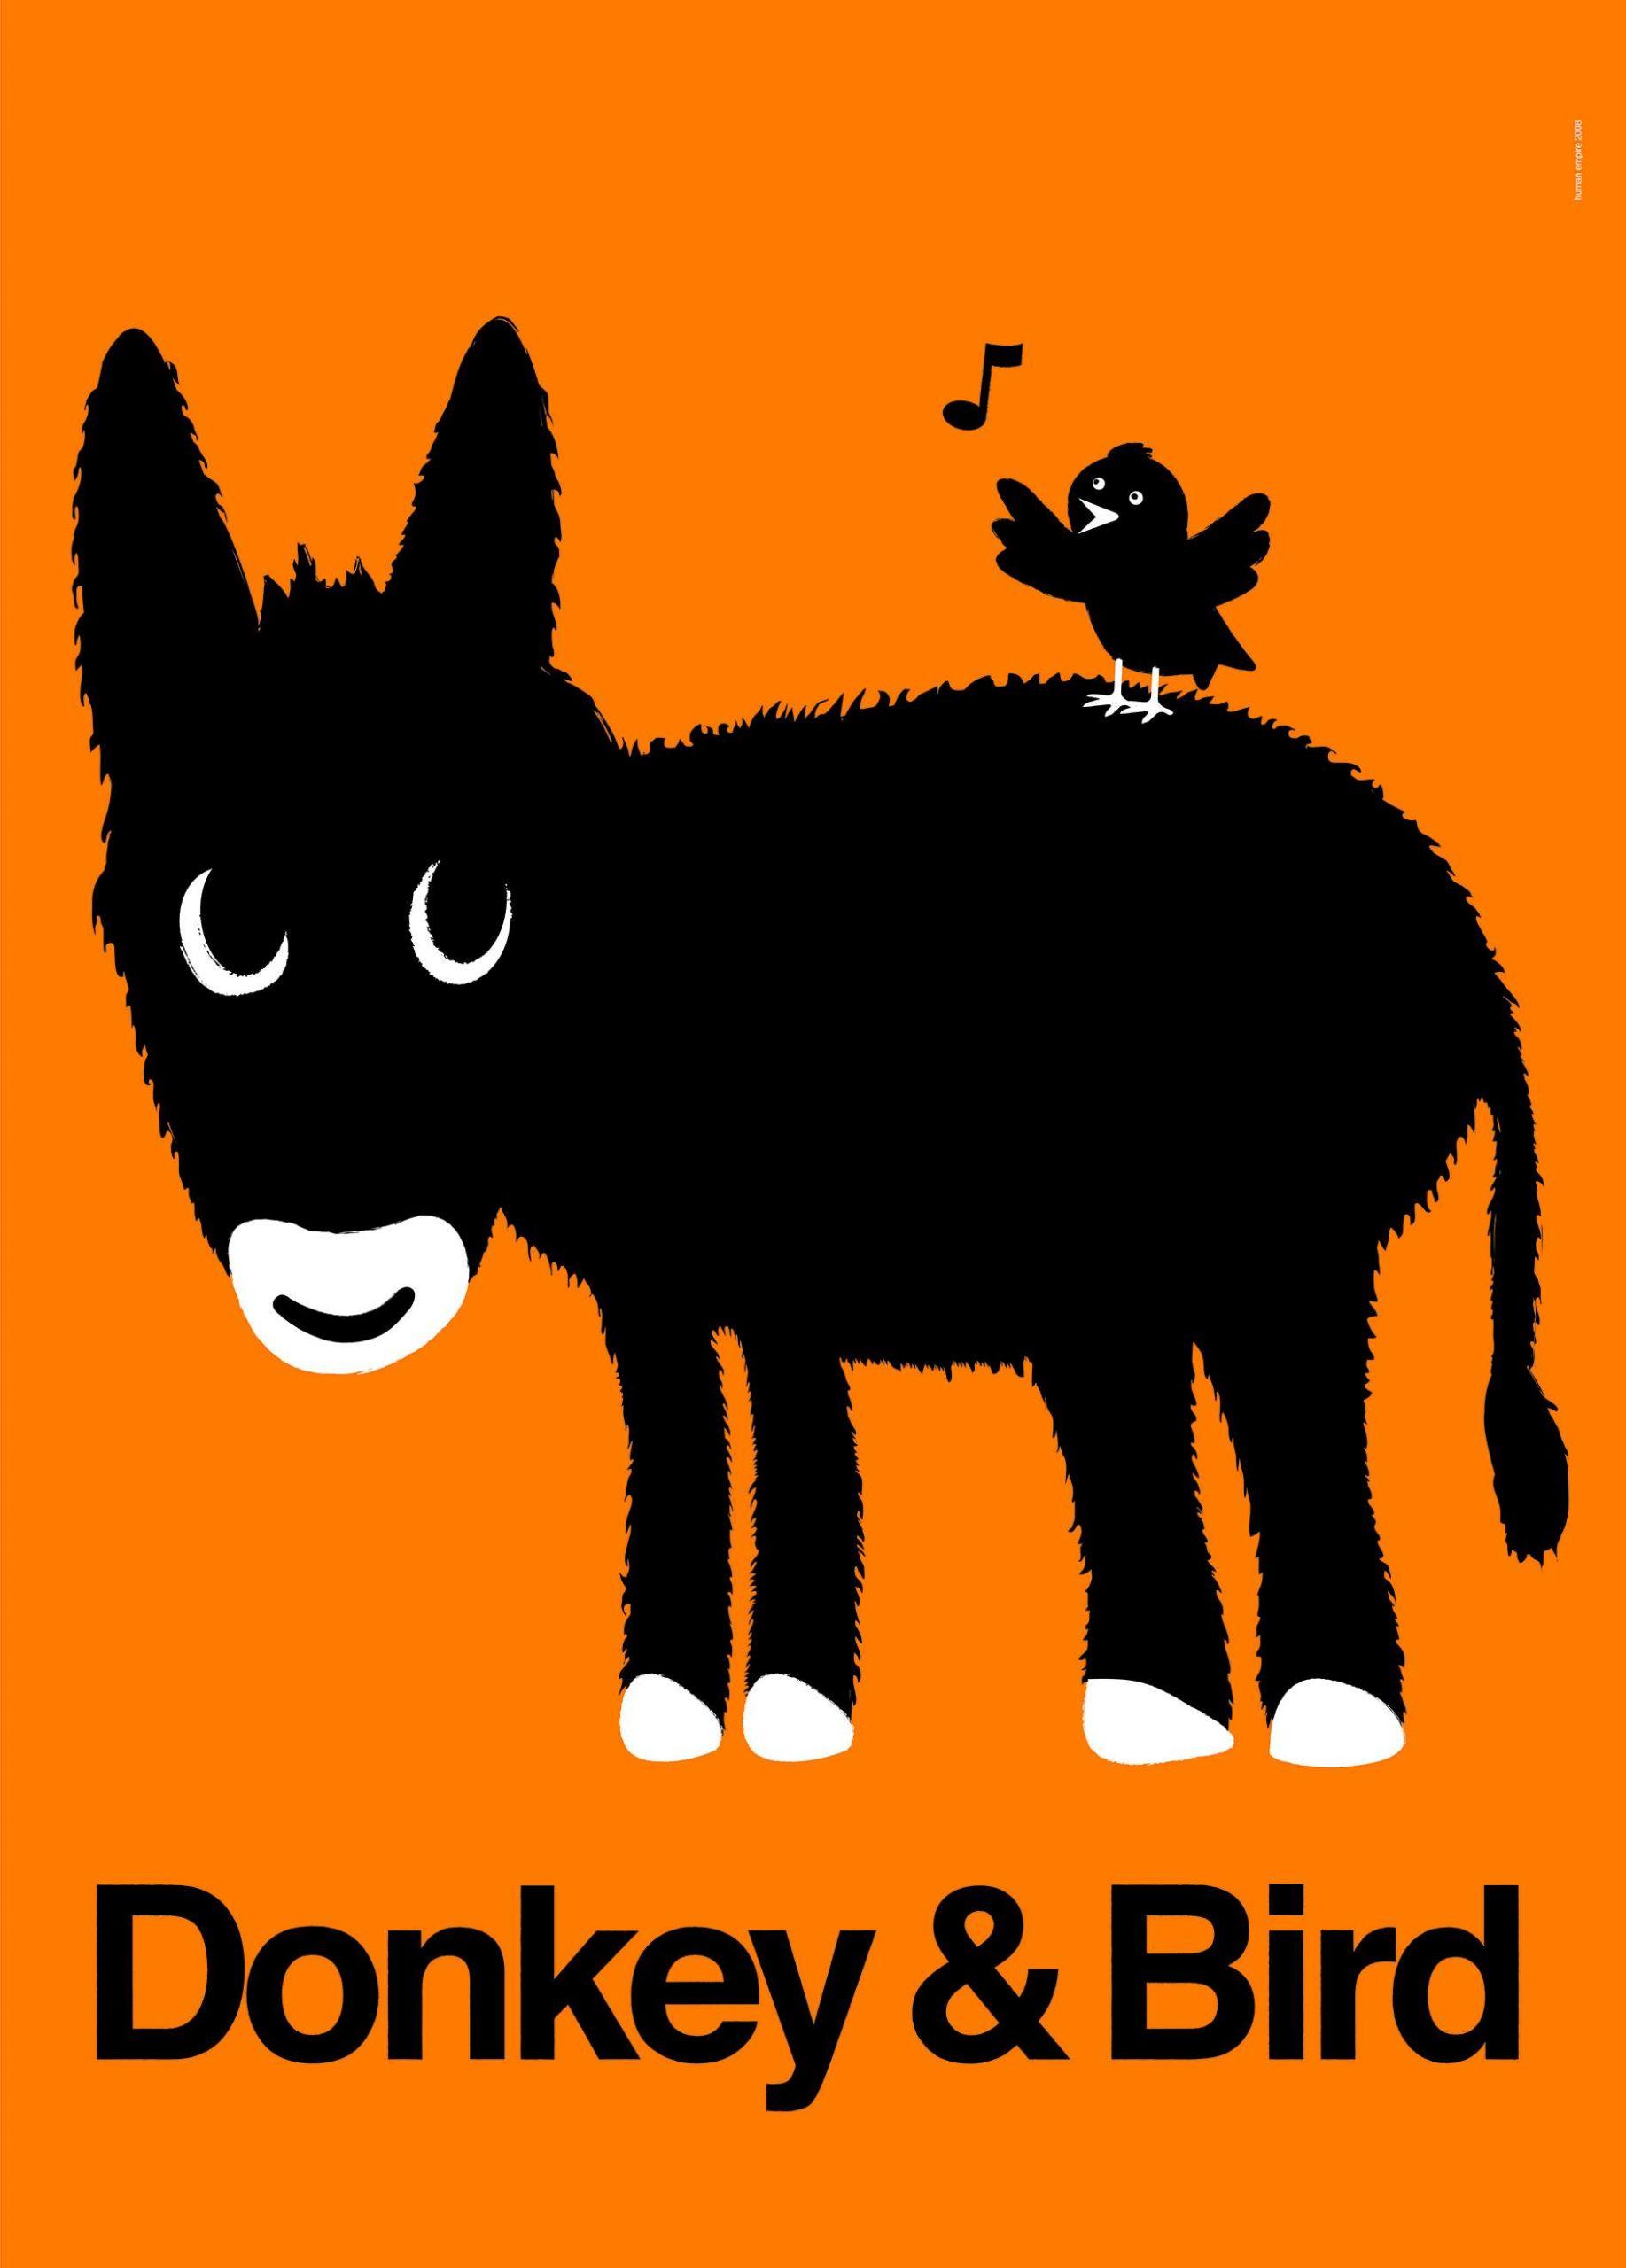 donkey bird poster cmyk